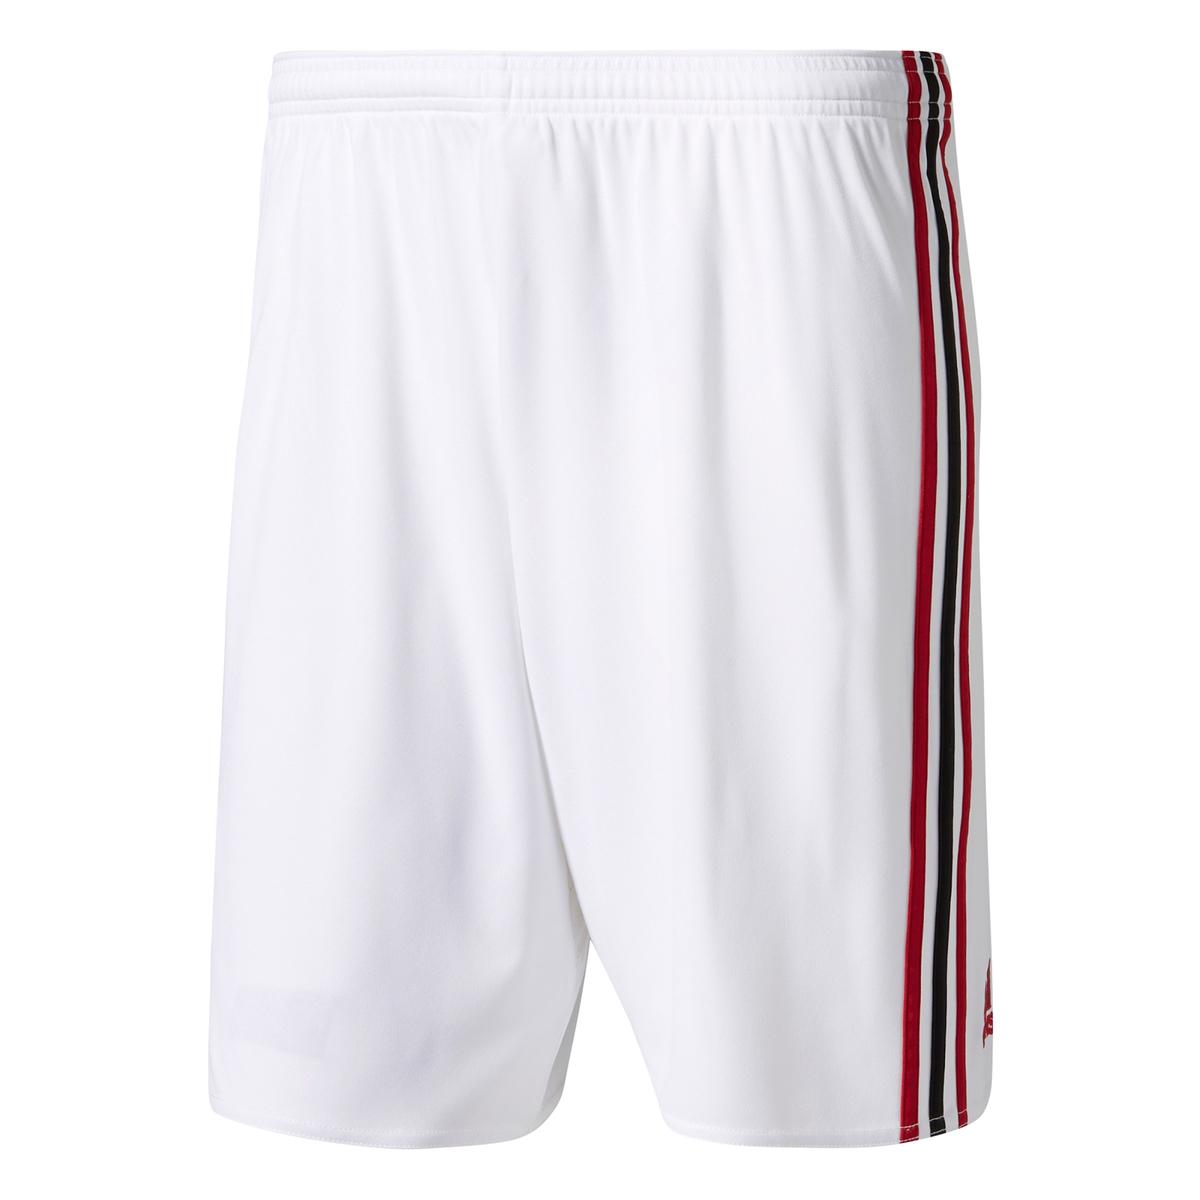 Pantaloncino Milan 2017 / 2018 bianco